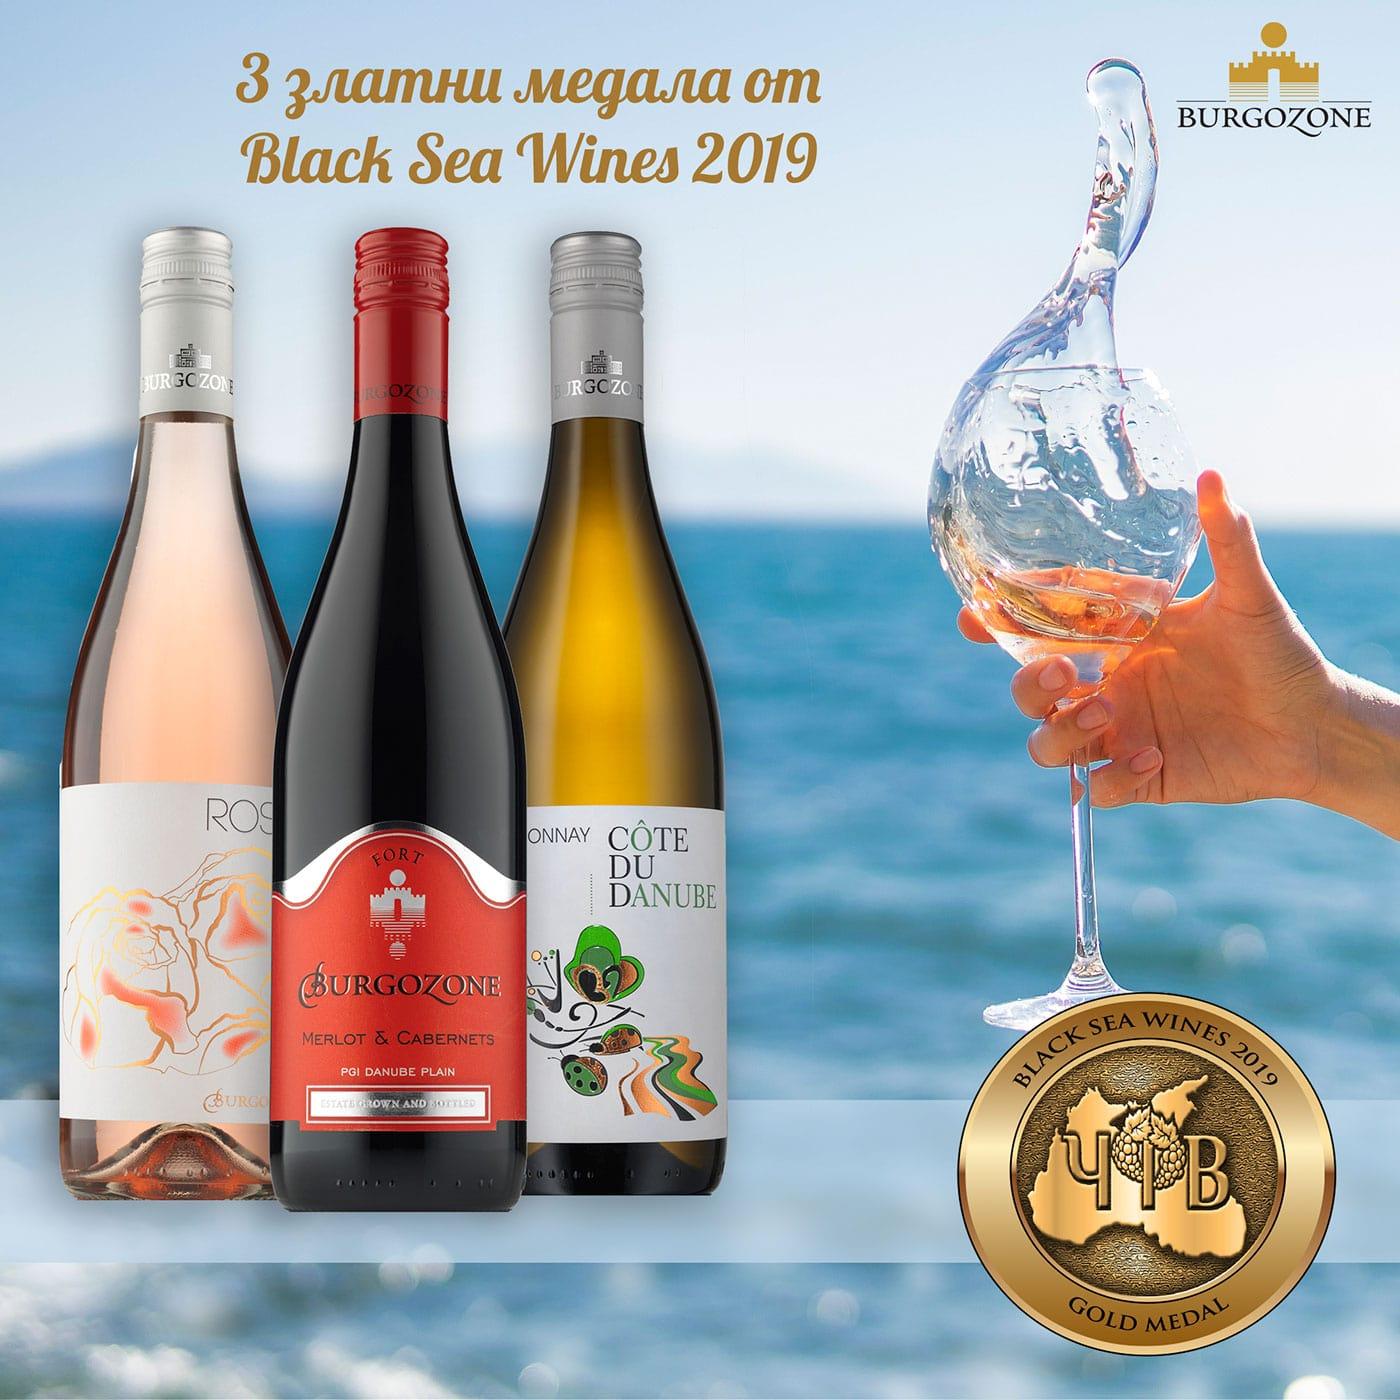 """3 златни медала по време на пътешествието си до морето край Сочи в Русия за """"Black Sea Wine Making Forum"""